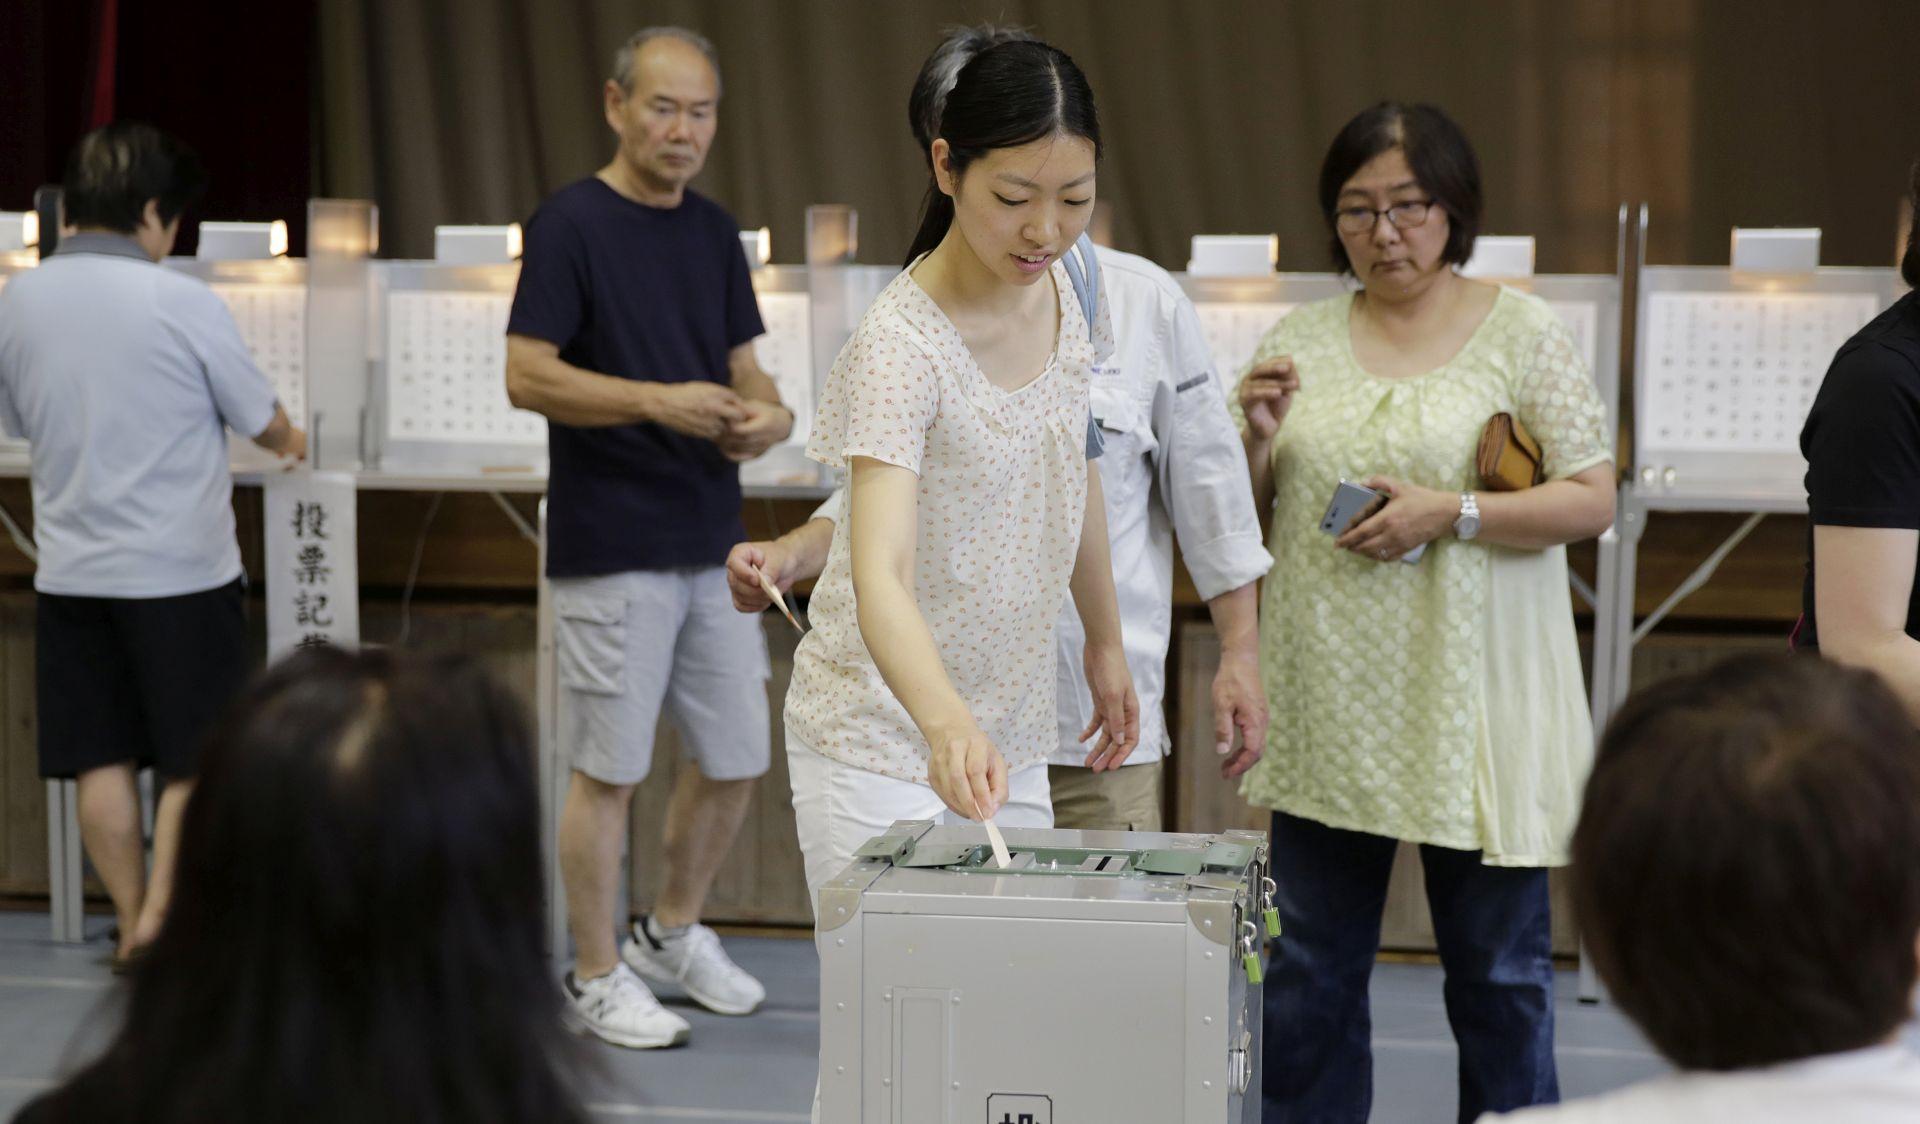 Abeov LDP doživio povijesni poraz na lokalnim izborima u Tokiju